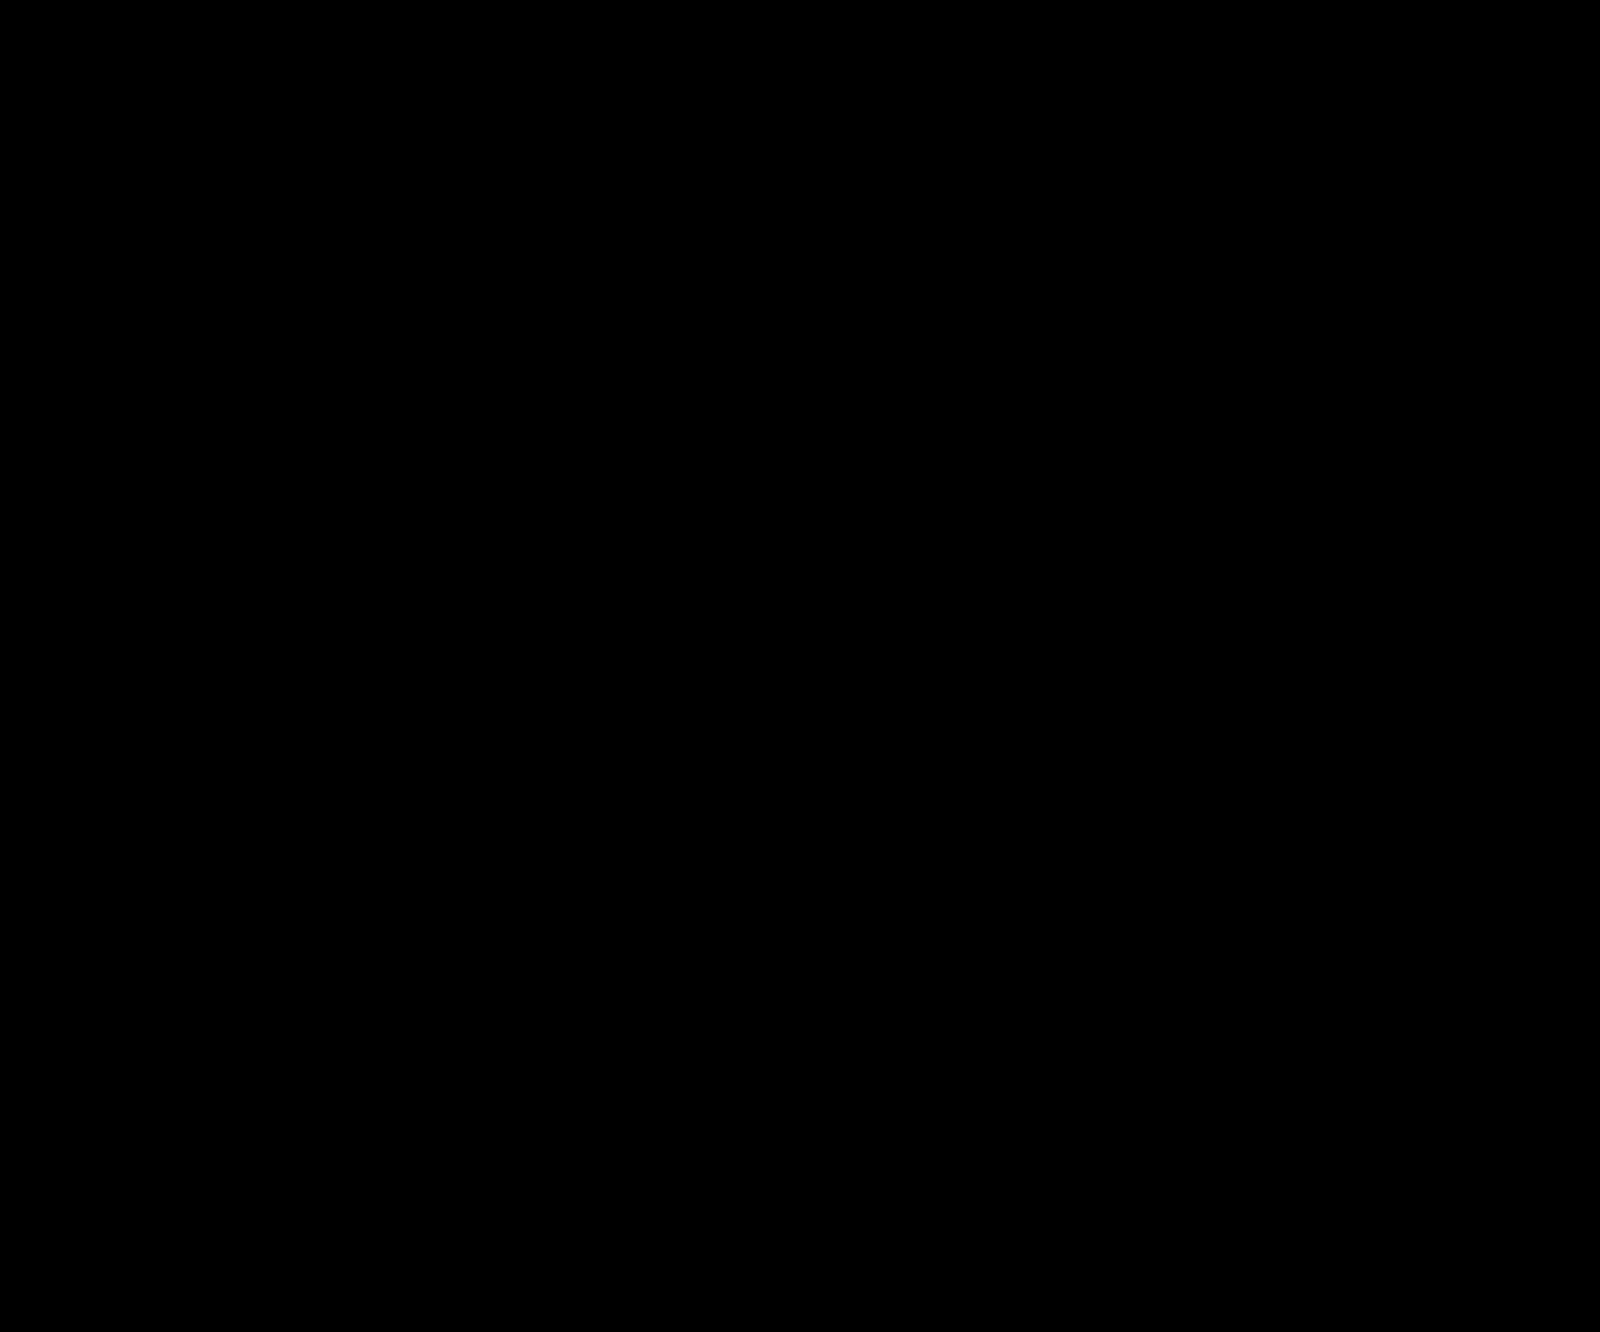 Splatter SVG Clip arts